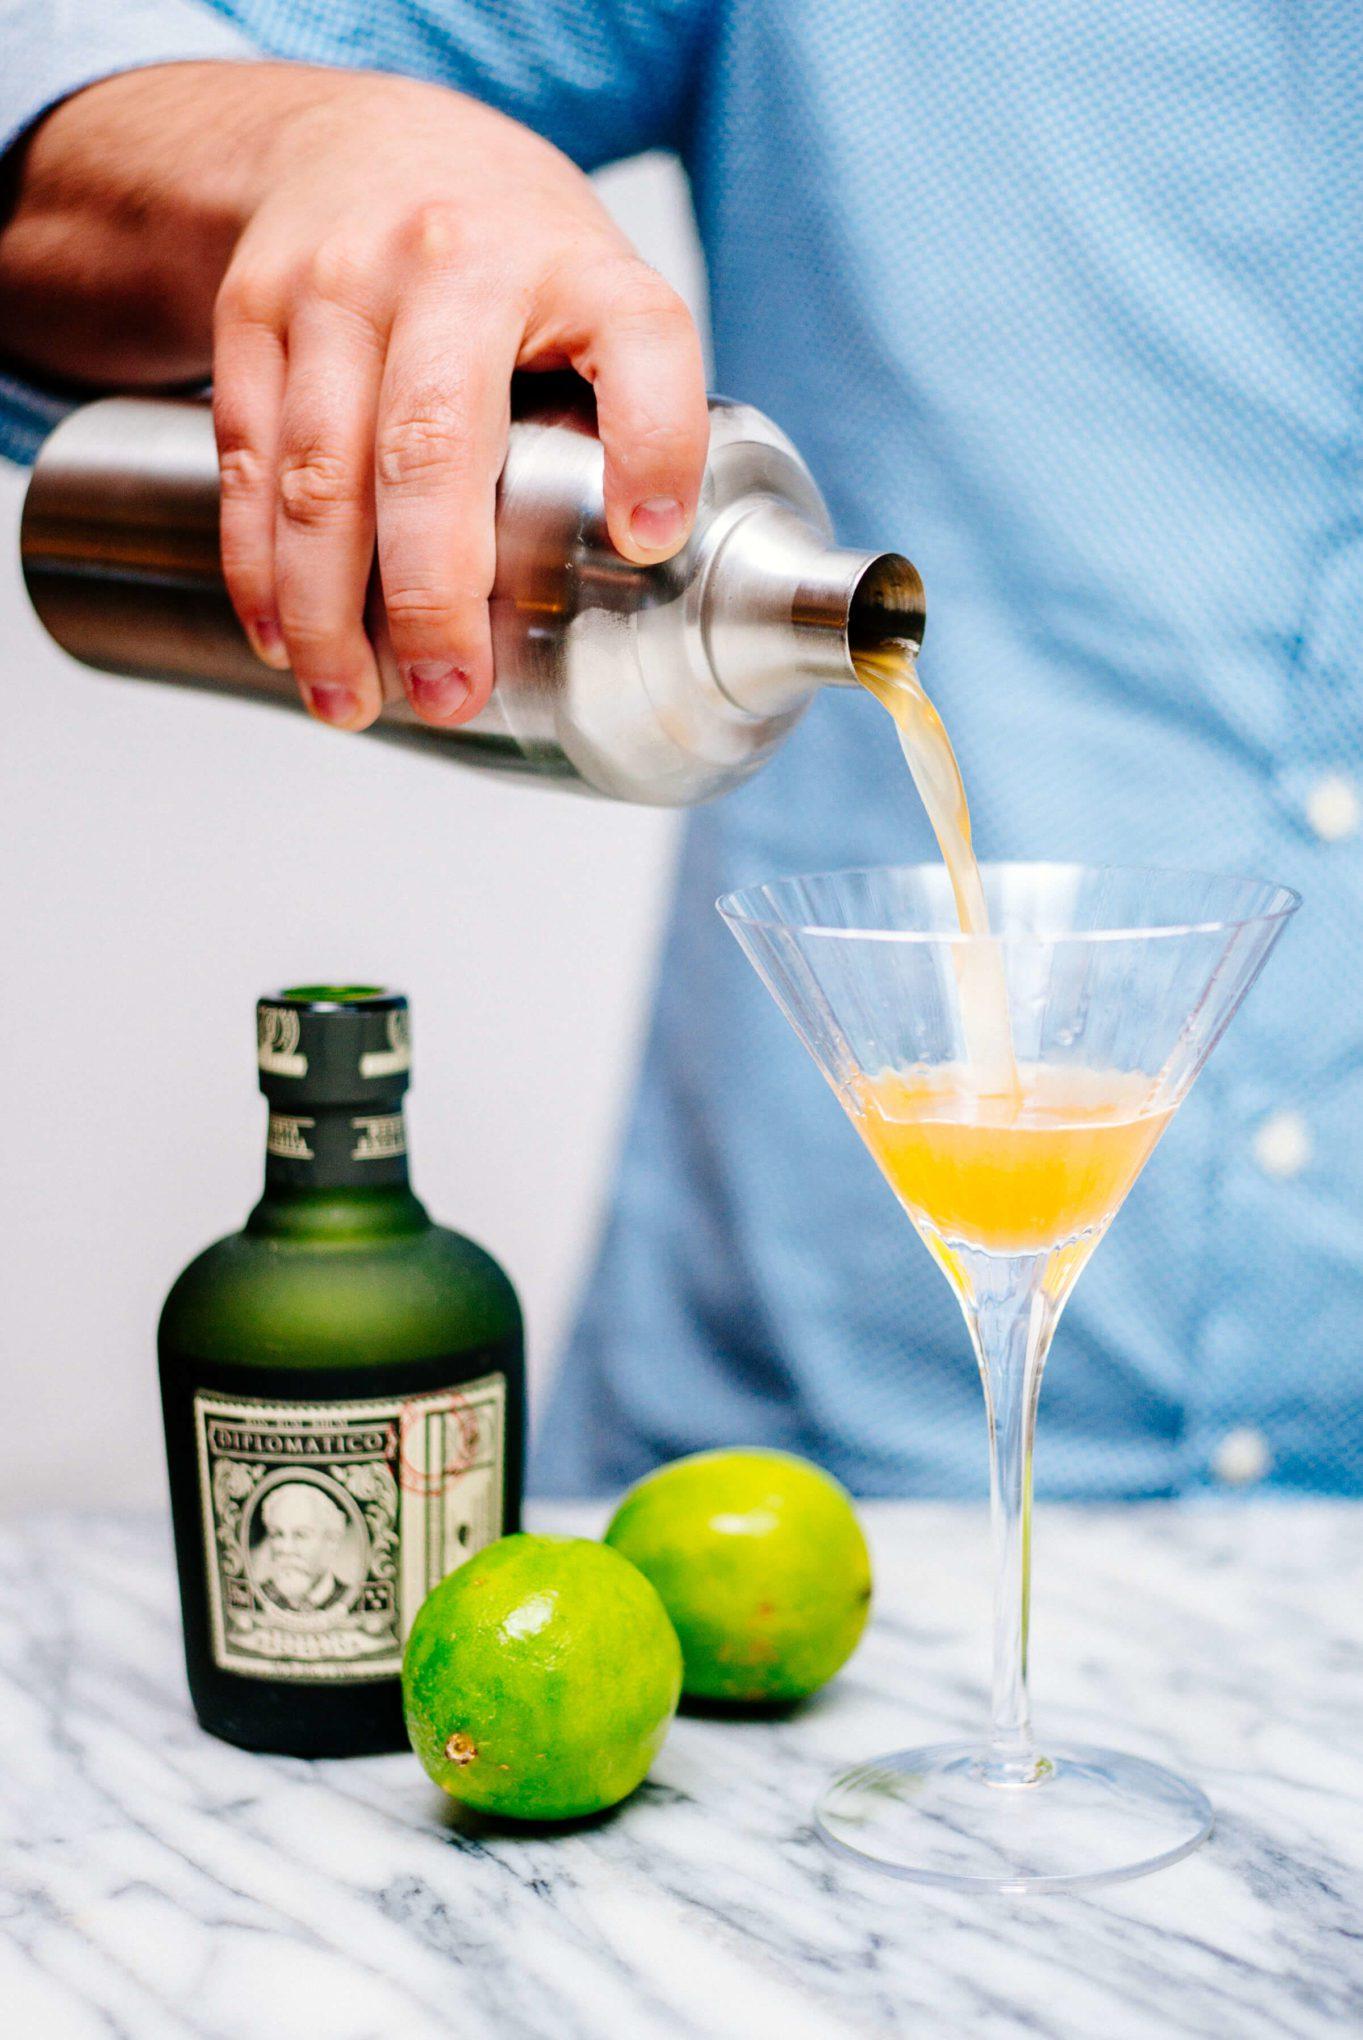 The Taste SF pouring a Lemon Verbena Daiquiri